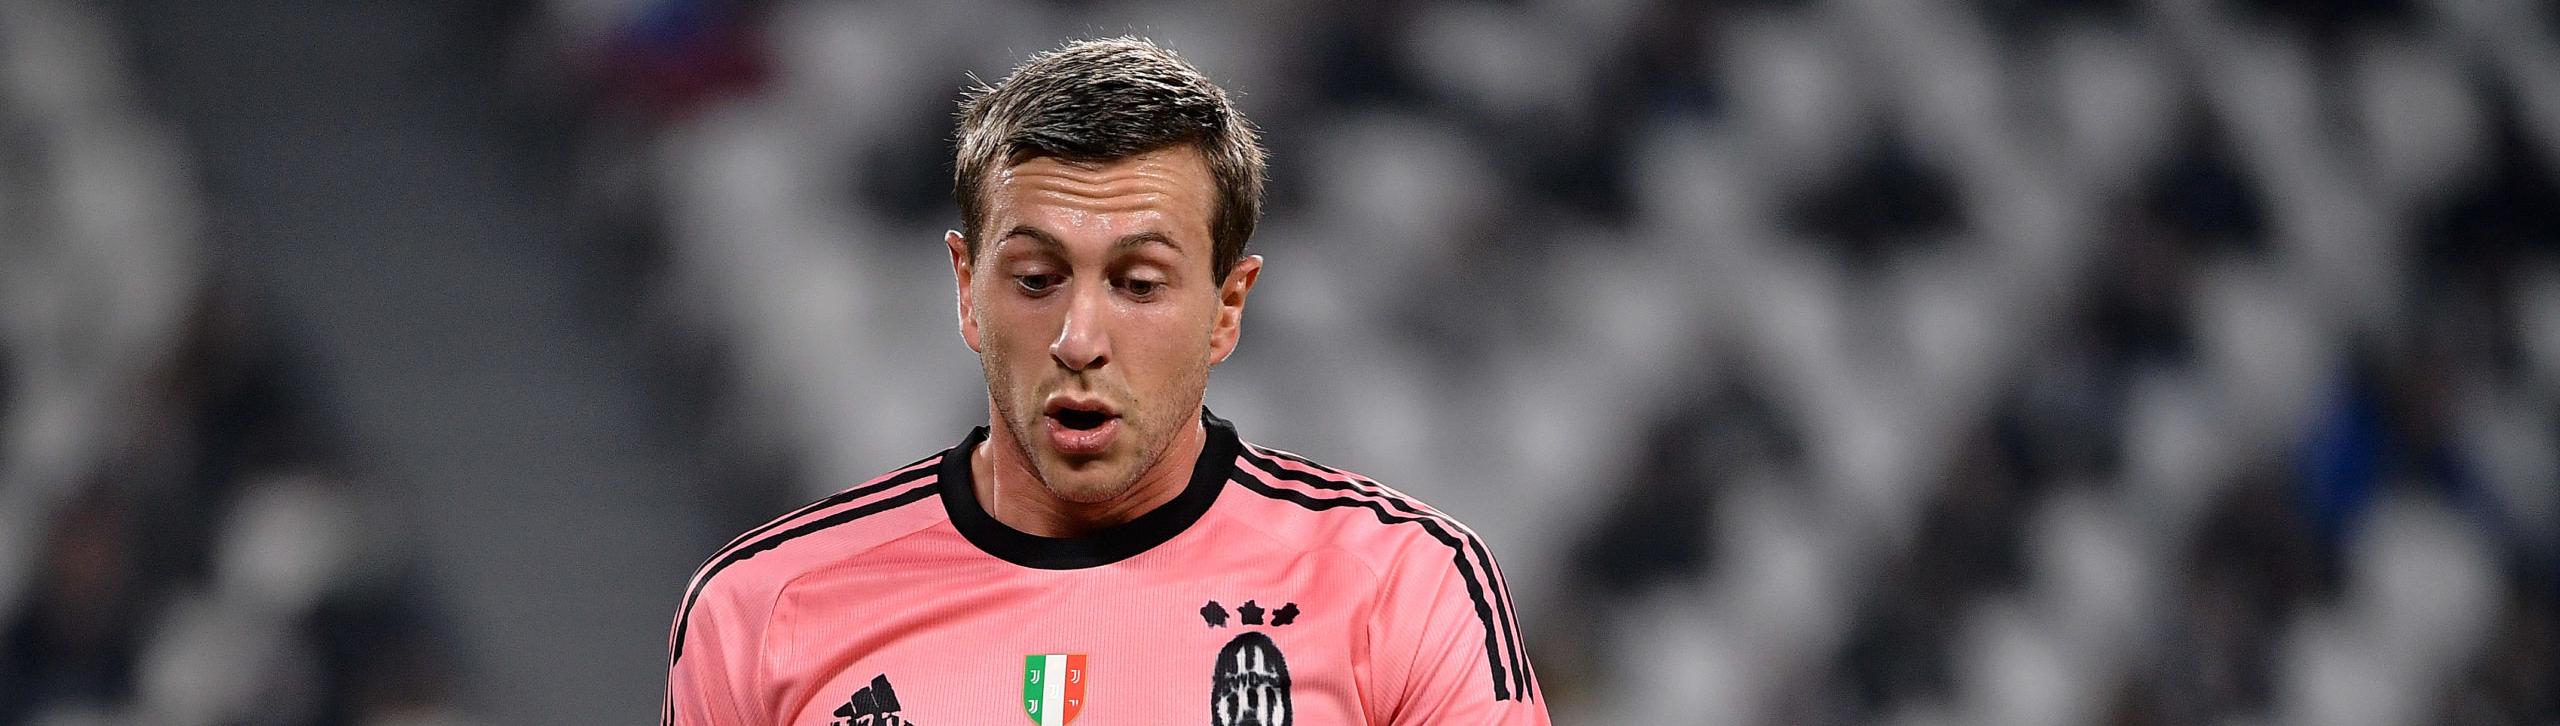 Pronostico Juventus-Torino: gara della svolta per Bernardeschi? Le ultimissime sulle formazioni